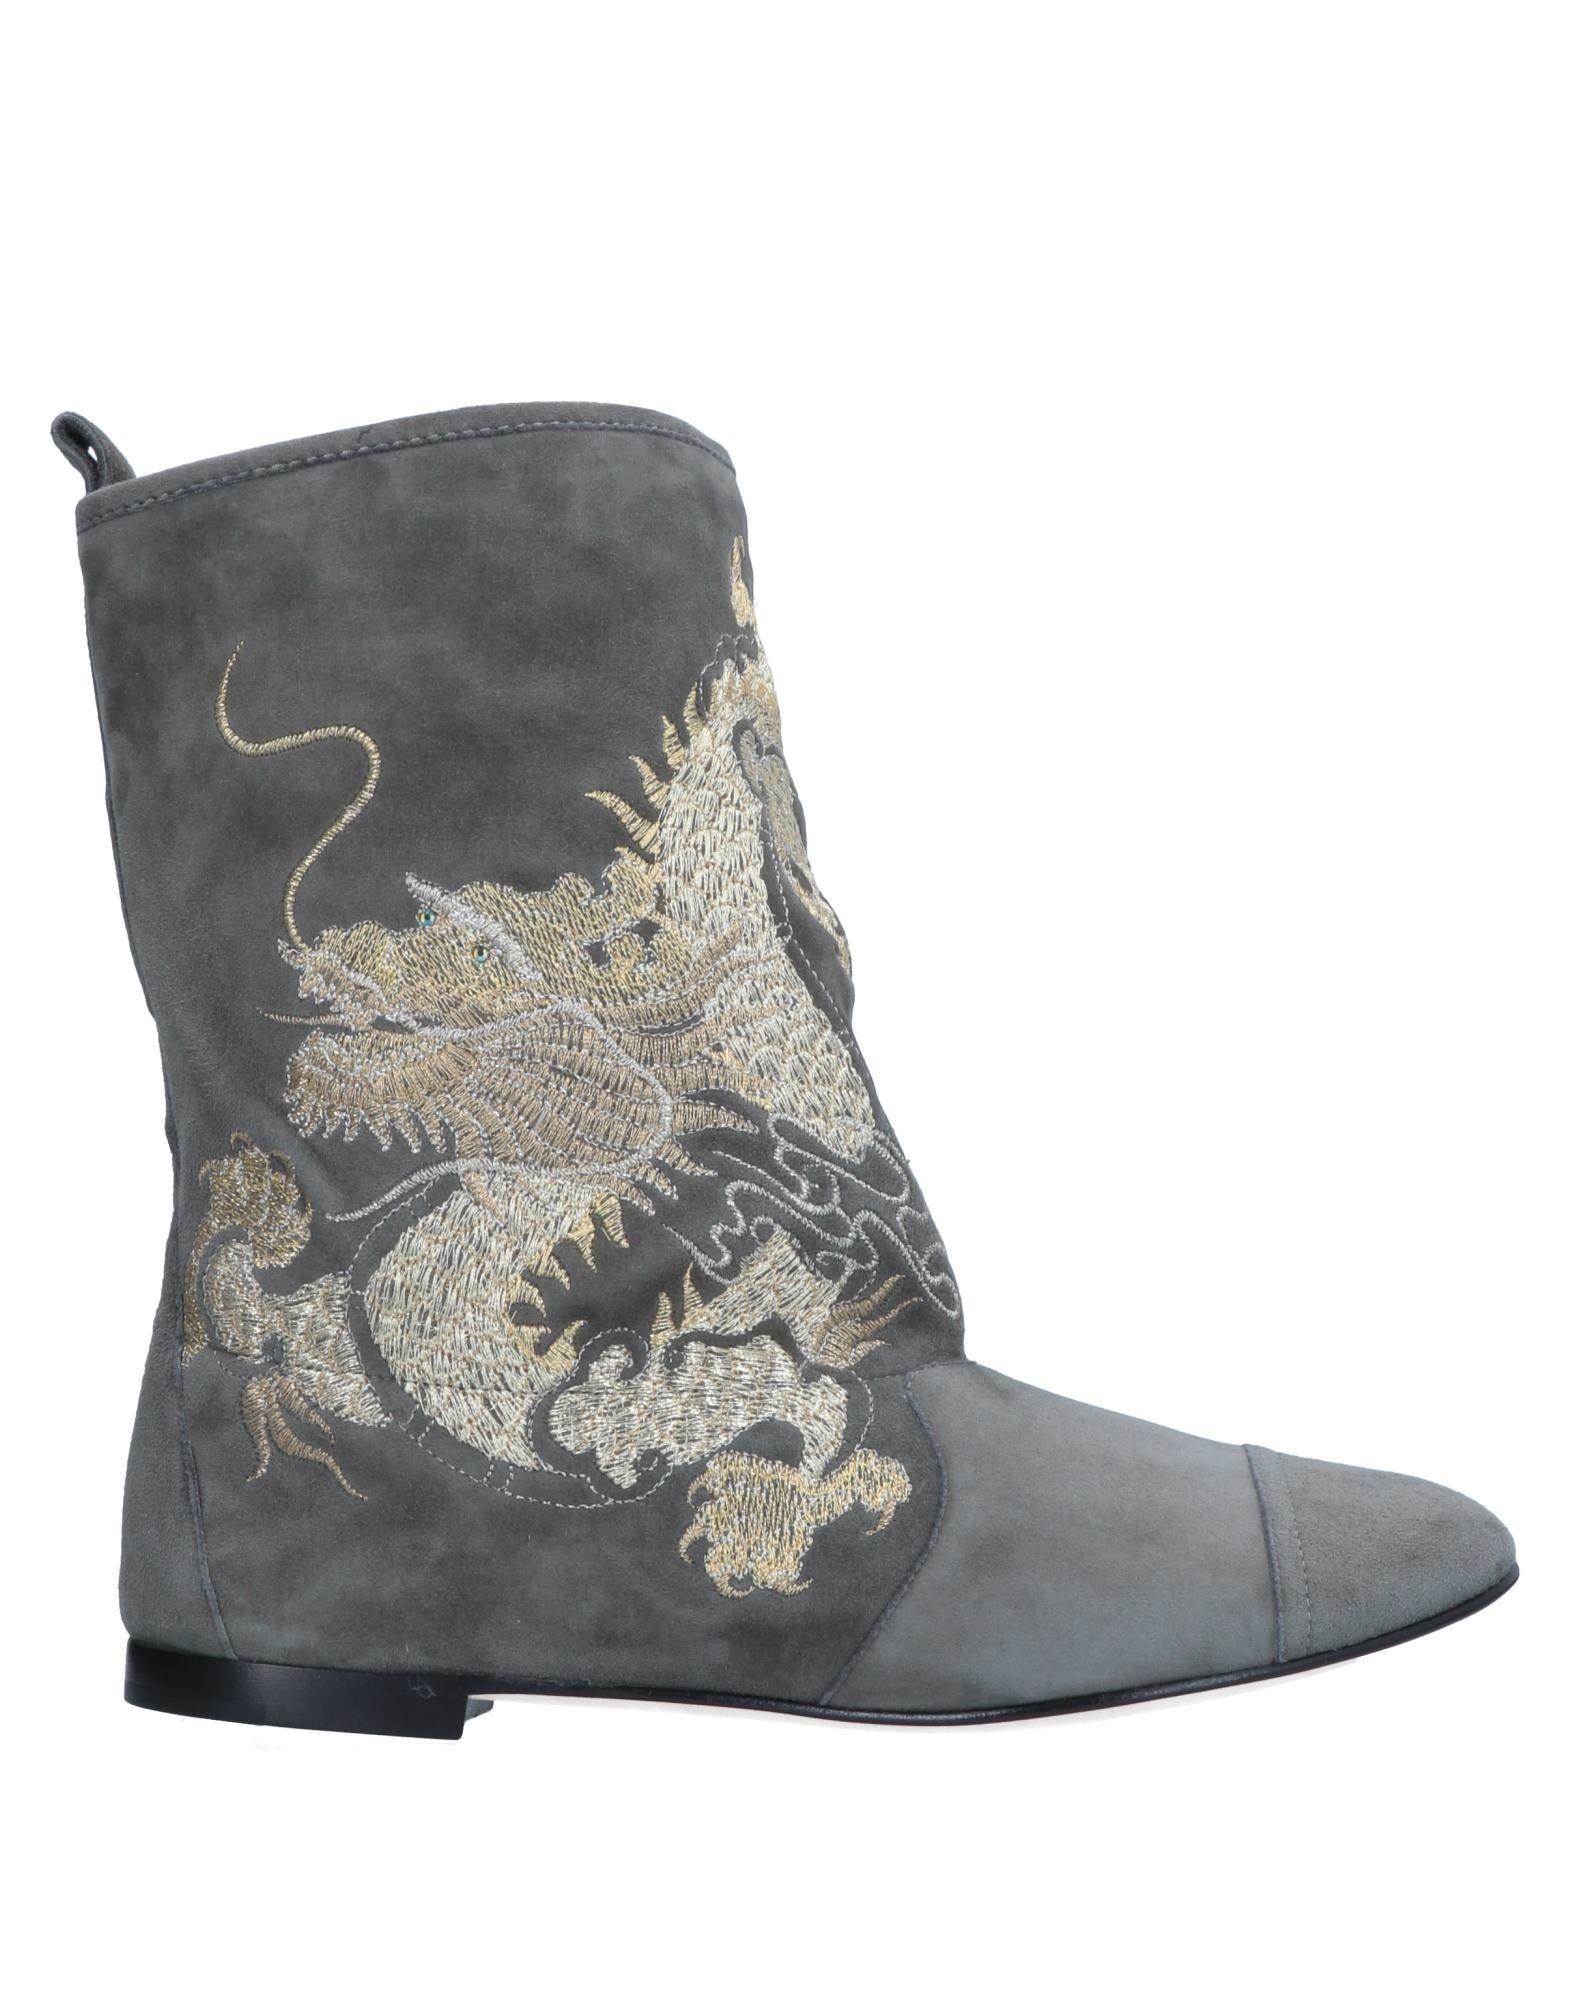 Giuseppe Zanotti Stiefelette Damen  11544619VEGünstige gut aussehende Schuhe